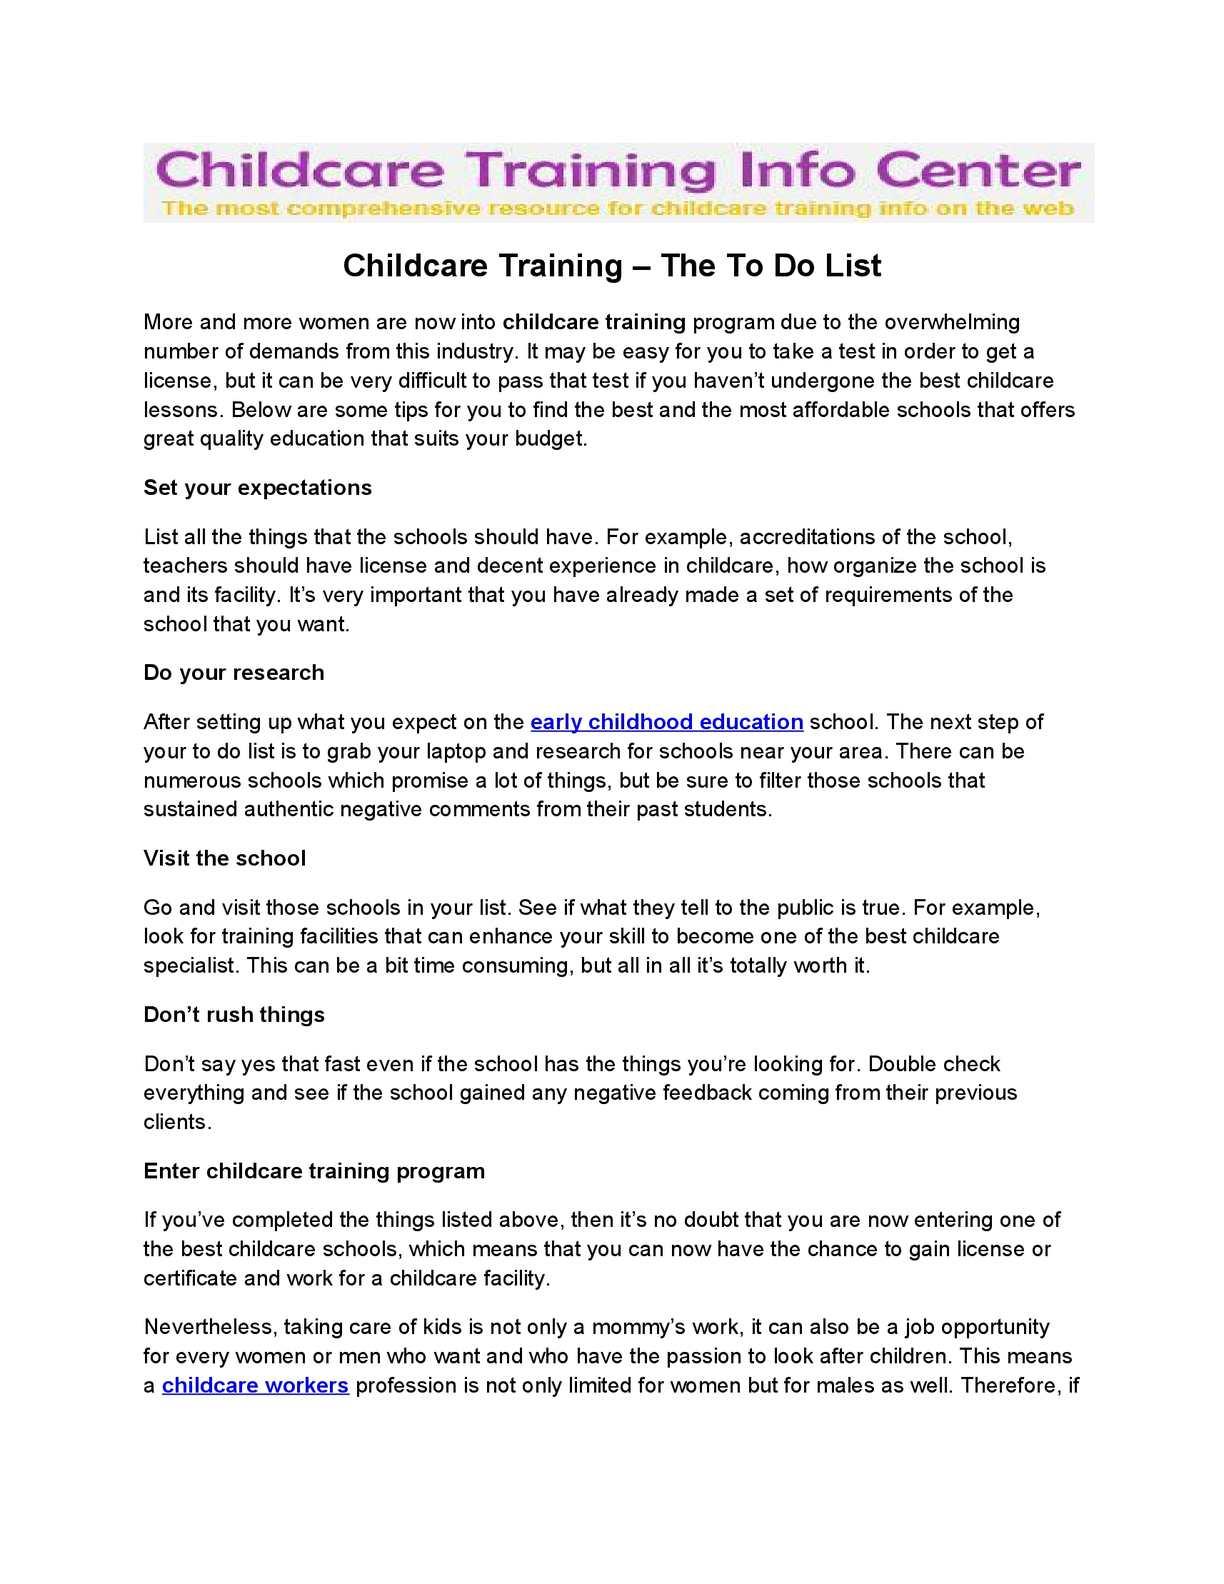 Calamo Childcare Training The To Do List